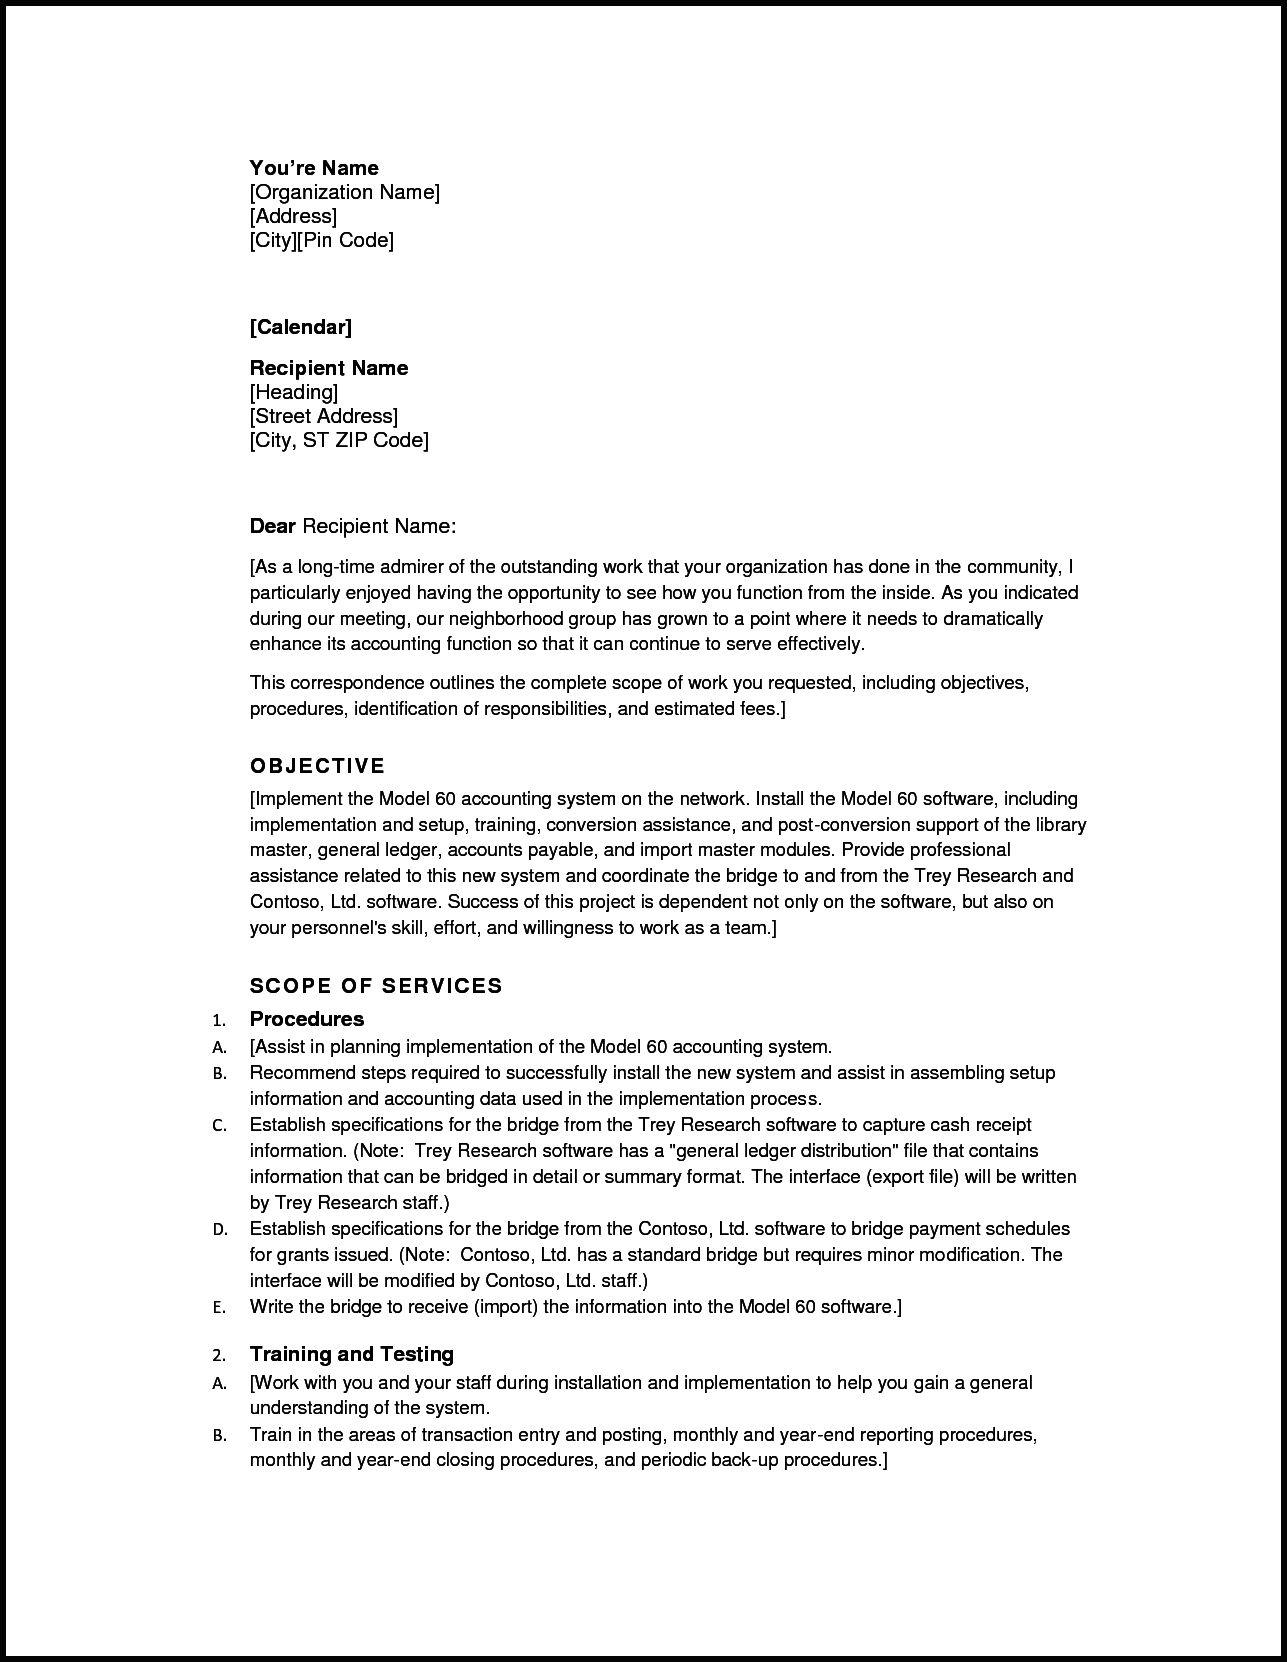 020 Sample Grant Proposal Template Bank Loan Elegant Small